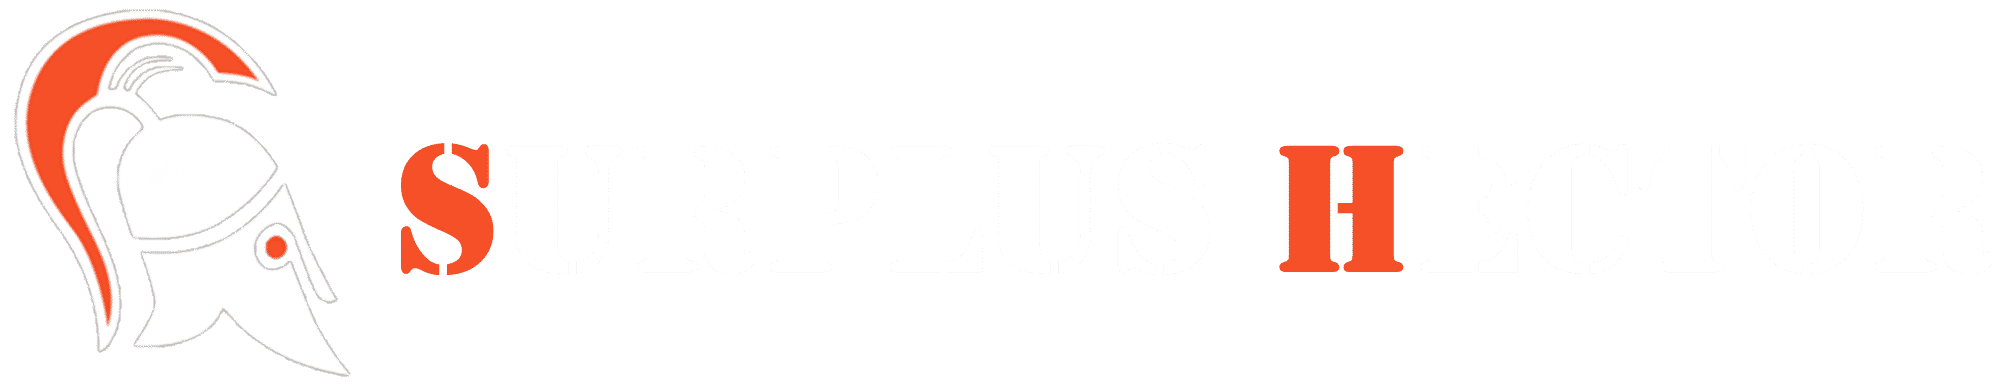 logo de Surplus Hector